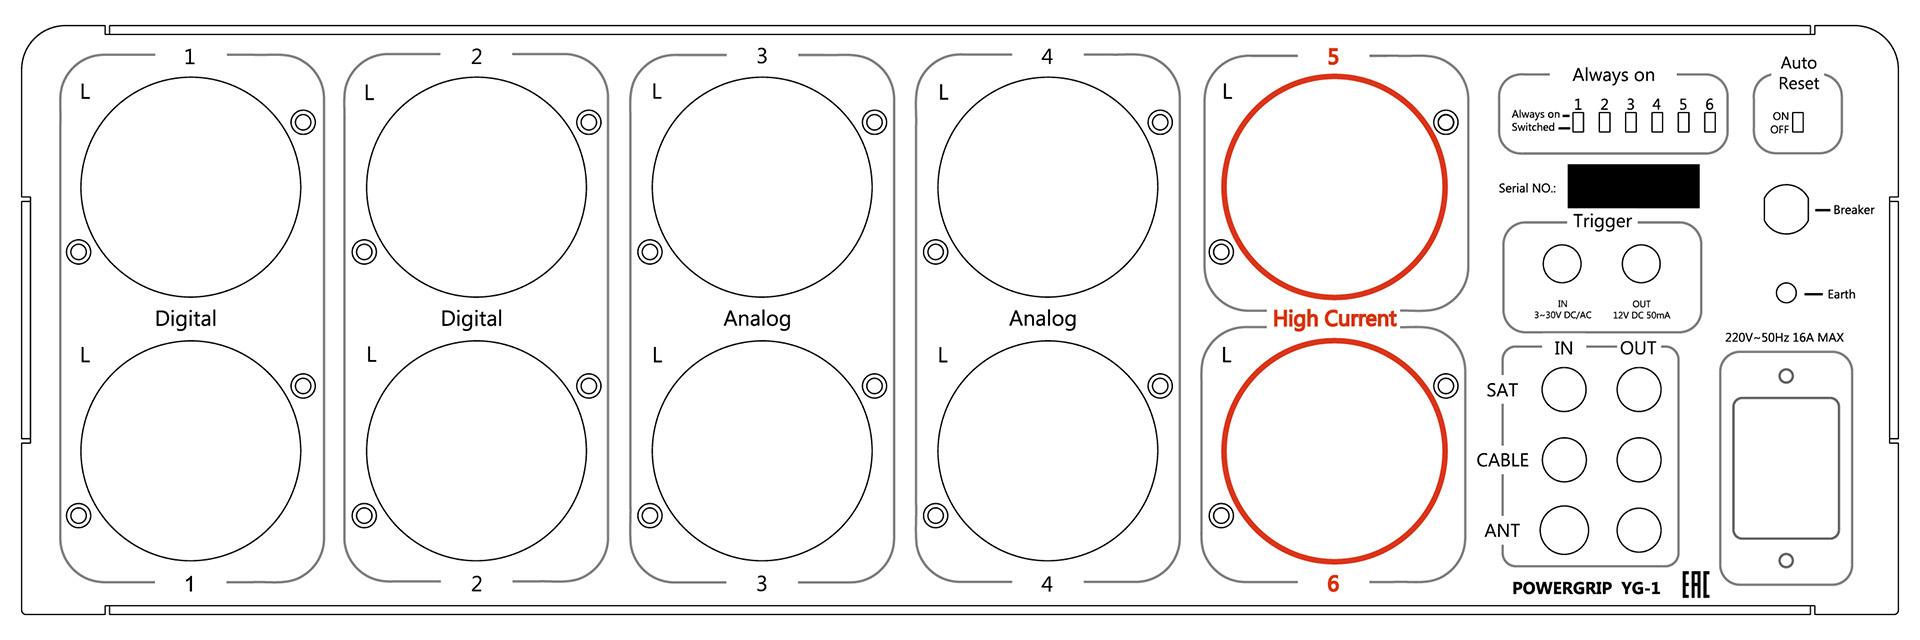 Для подключения оборудования с большим энергопотреблением предусмотрены розетки 5 и 6, помеченные как HIGH CURRENT.